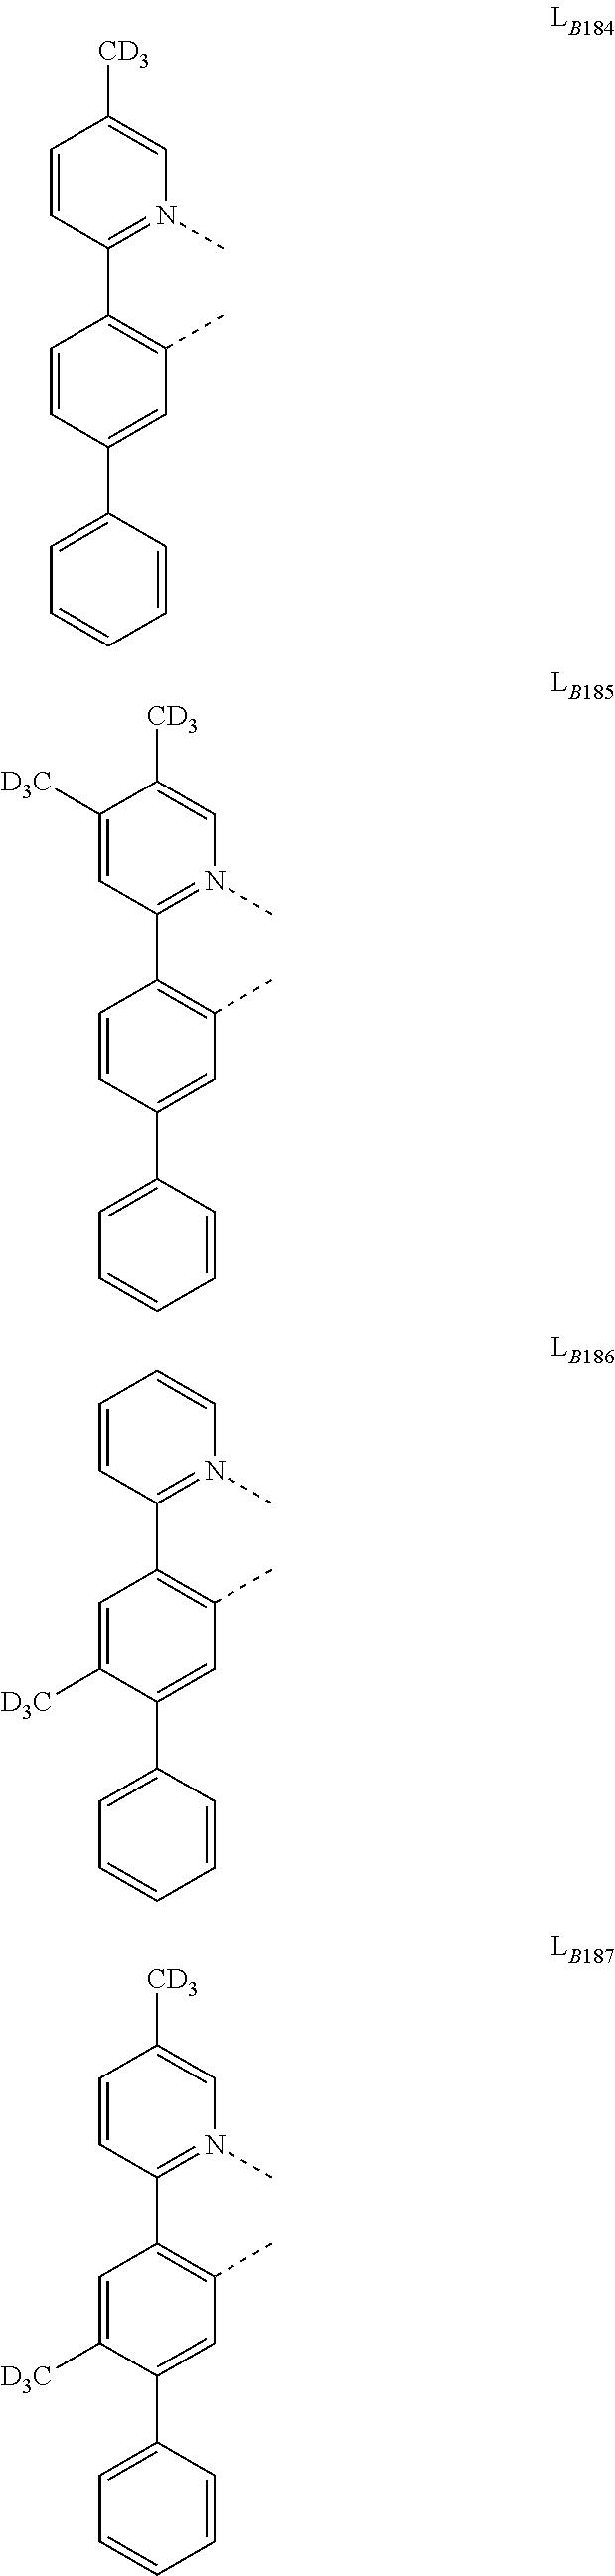 Figure US20180130962A1-20180510-C00103